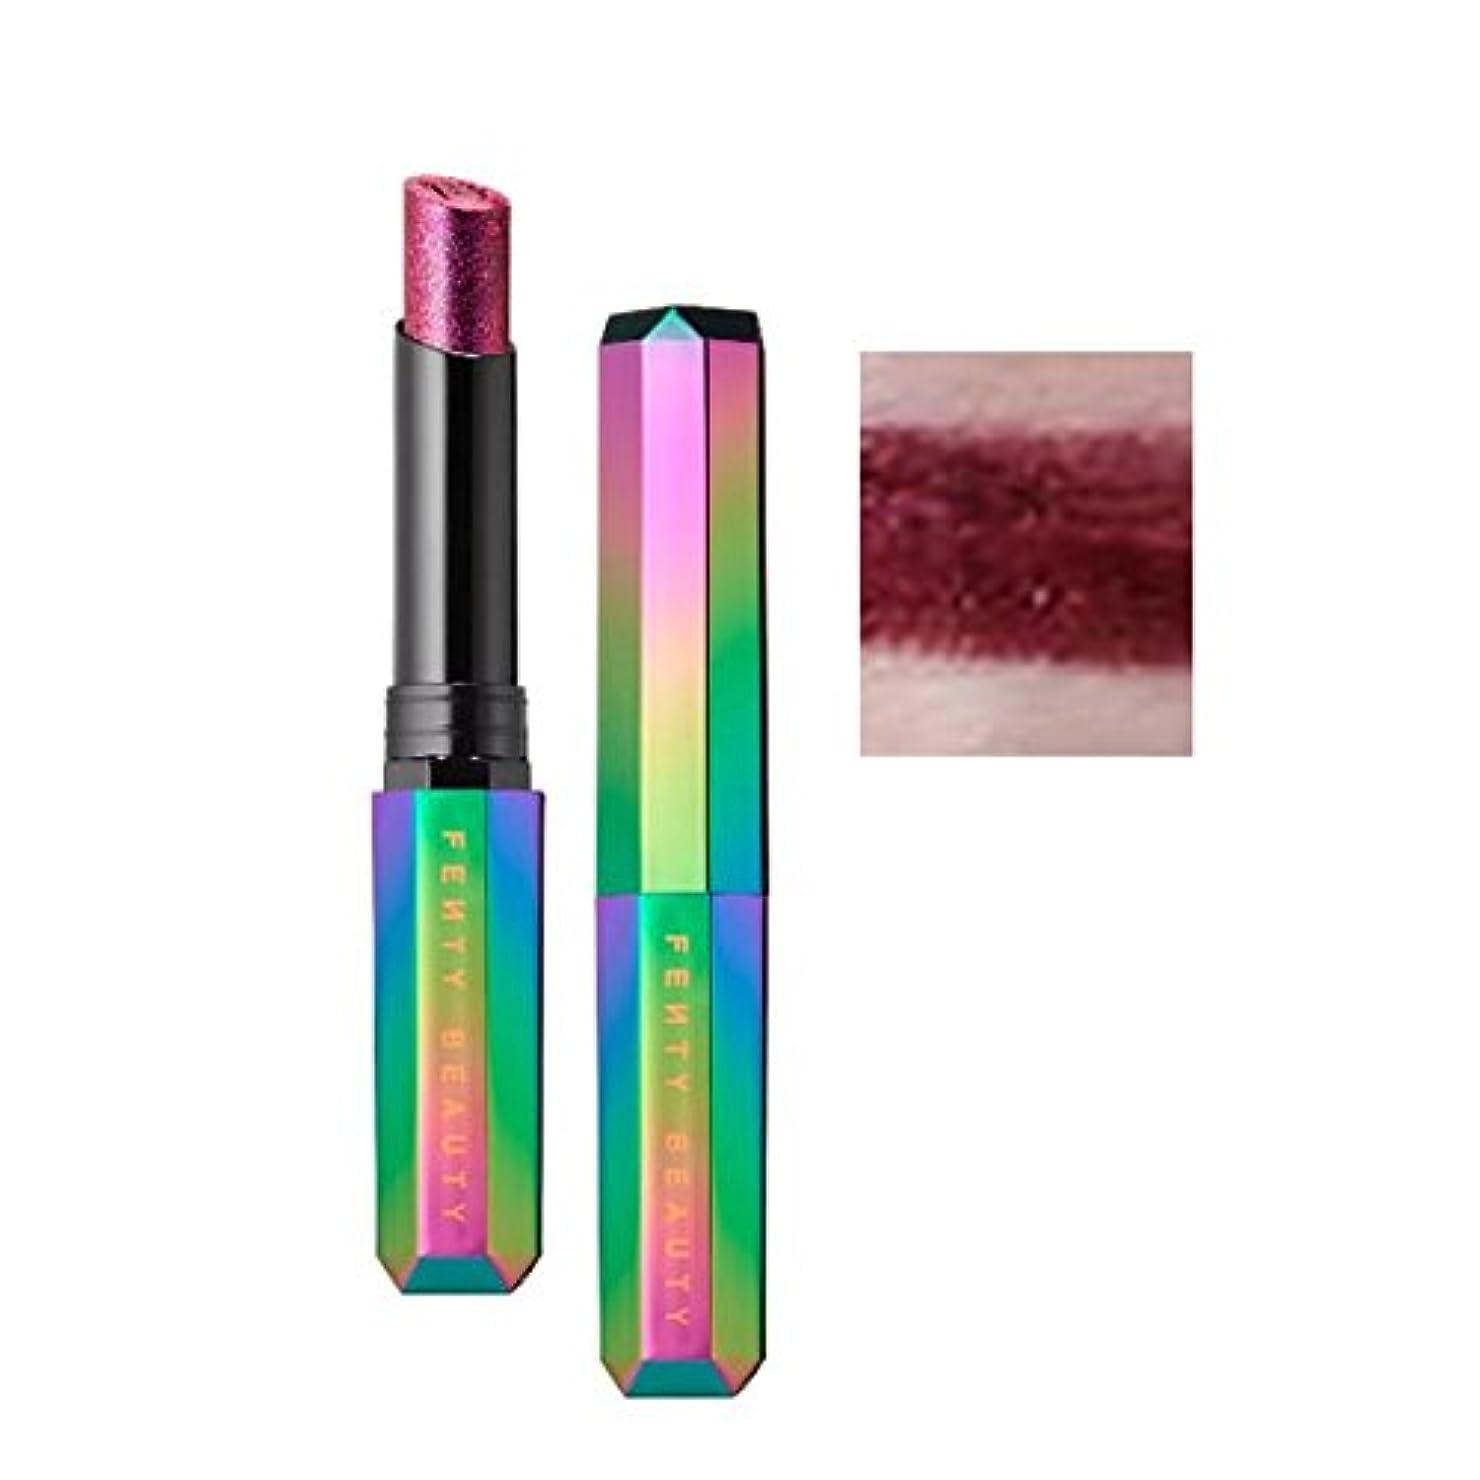 ばか行為バーガーFENTY BEAUTY BY RIHANNA Limited Edition限定版Starlit Hyper-Glitz Lipstick - Sci-Fly[海外直送品] Sci-Fly [並行輸入品]